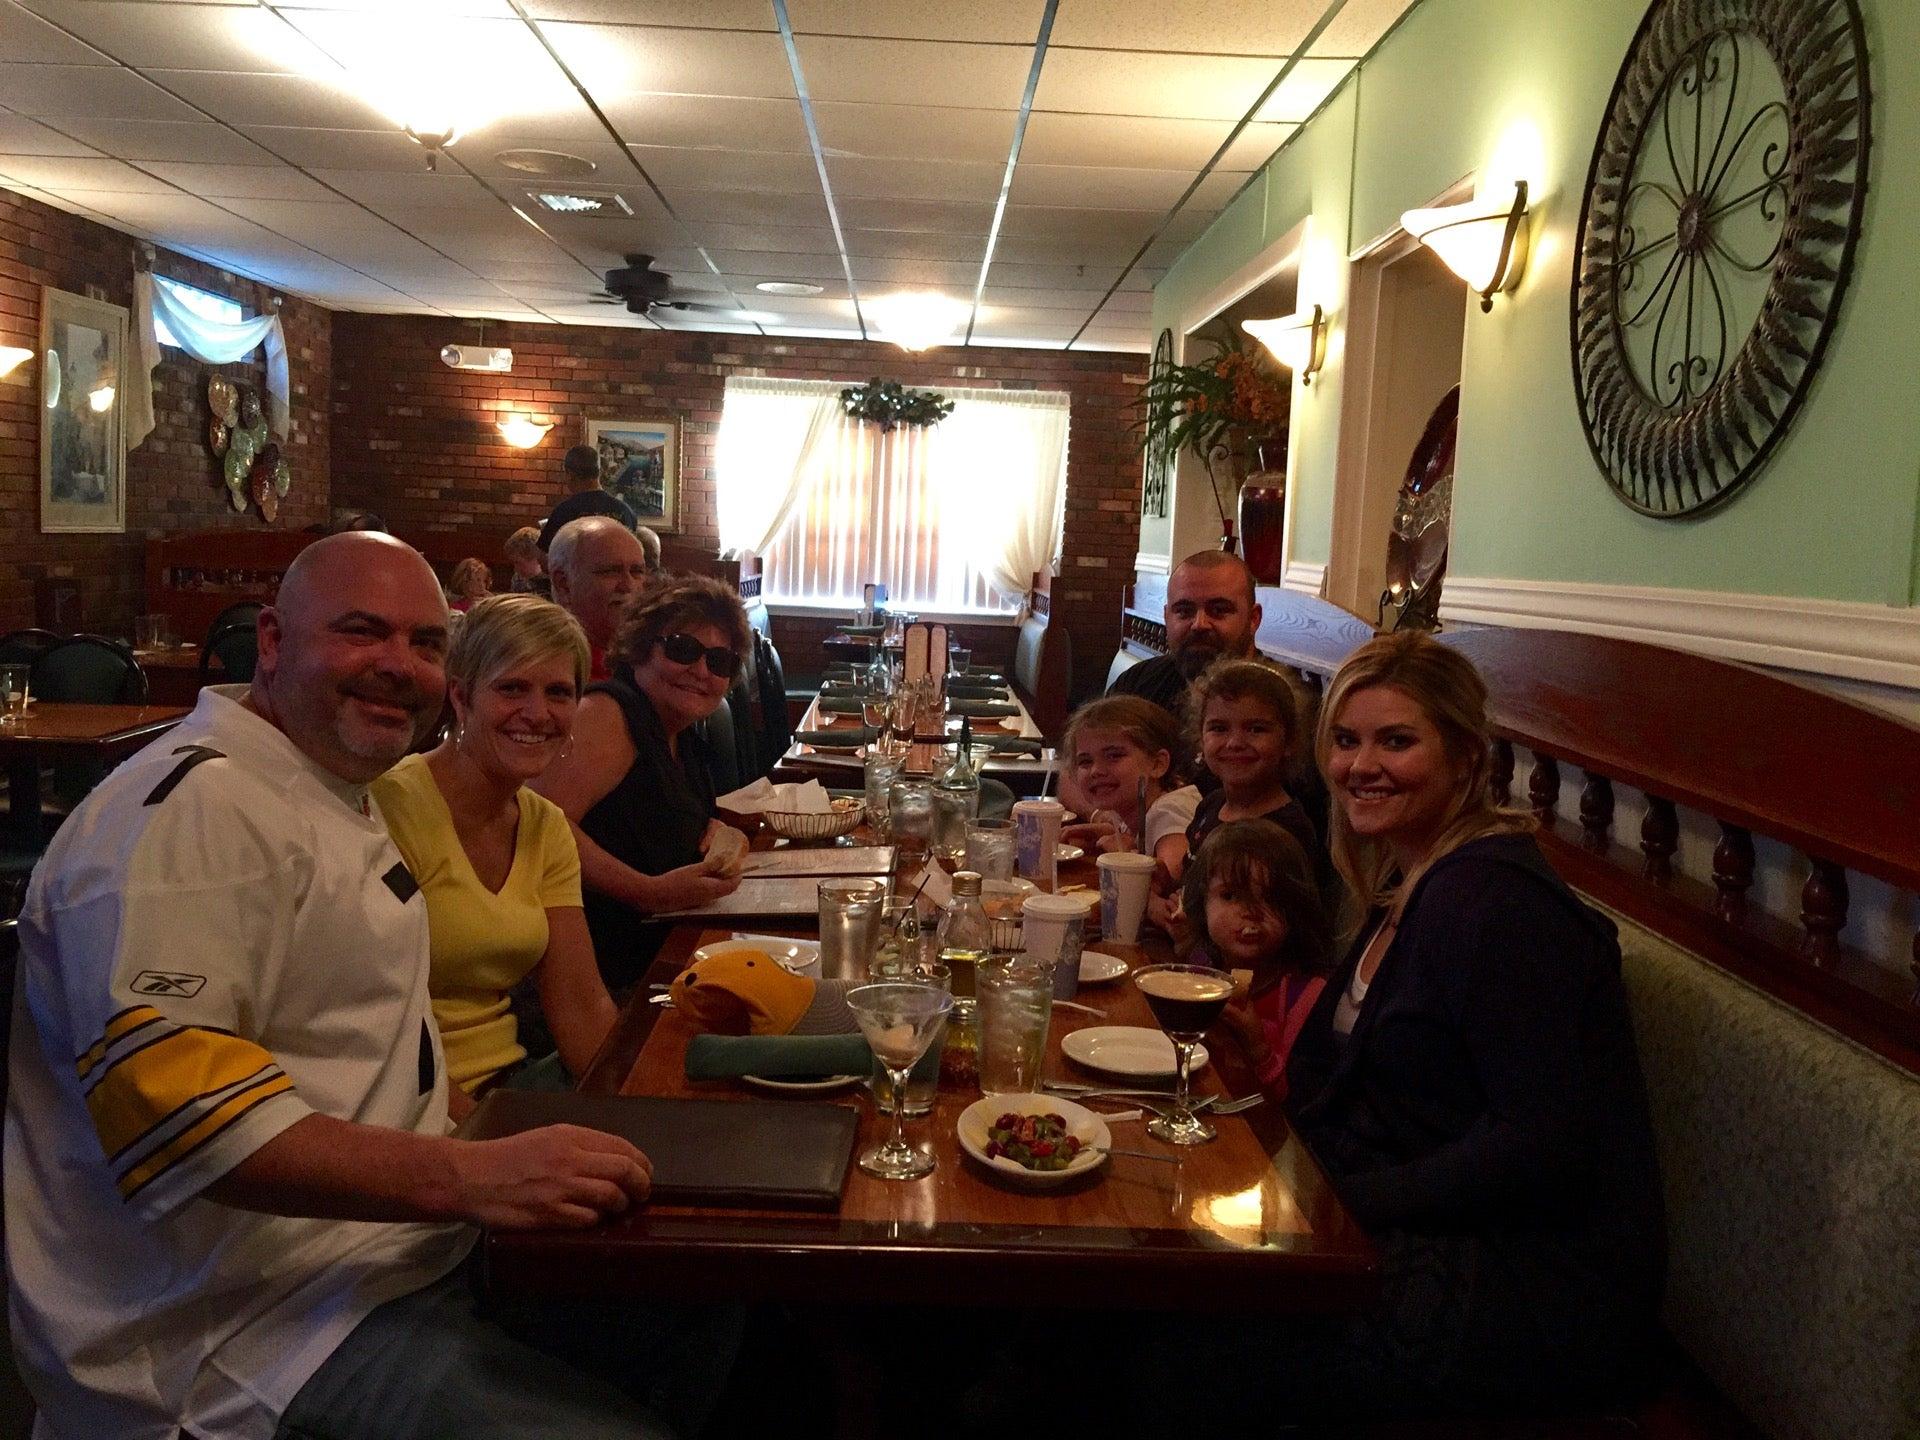 Denovellis Family Restaurant LLC,